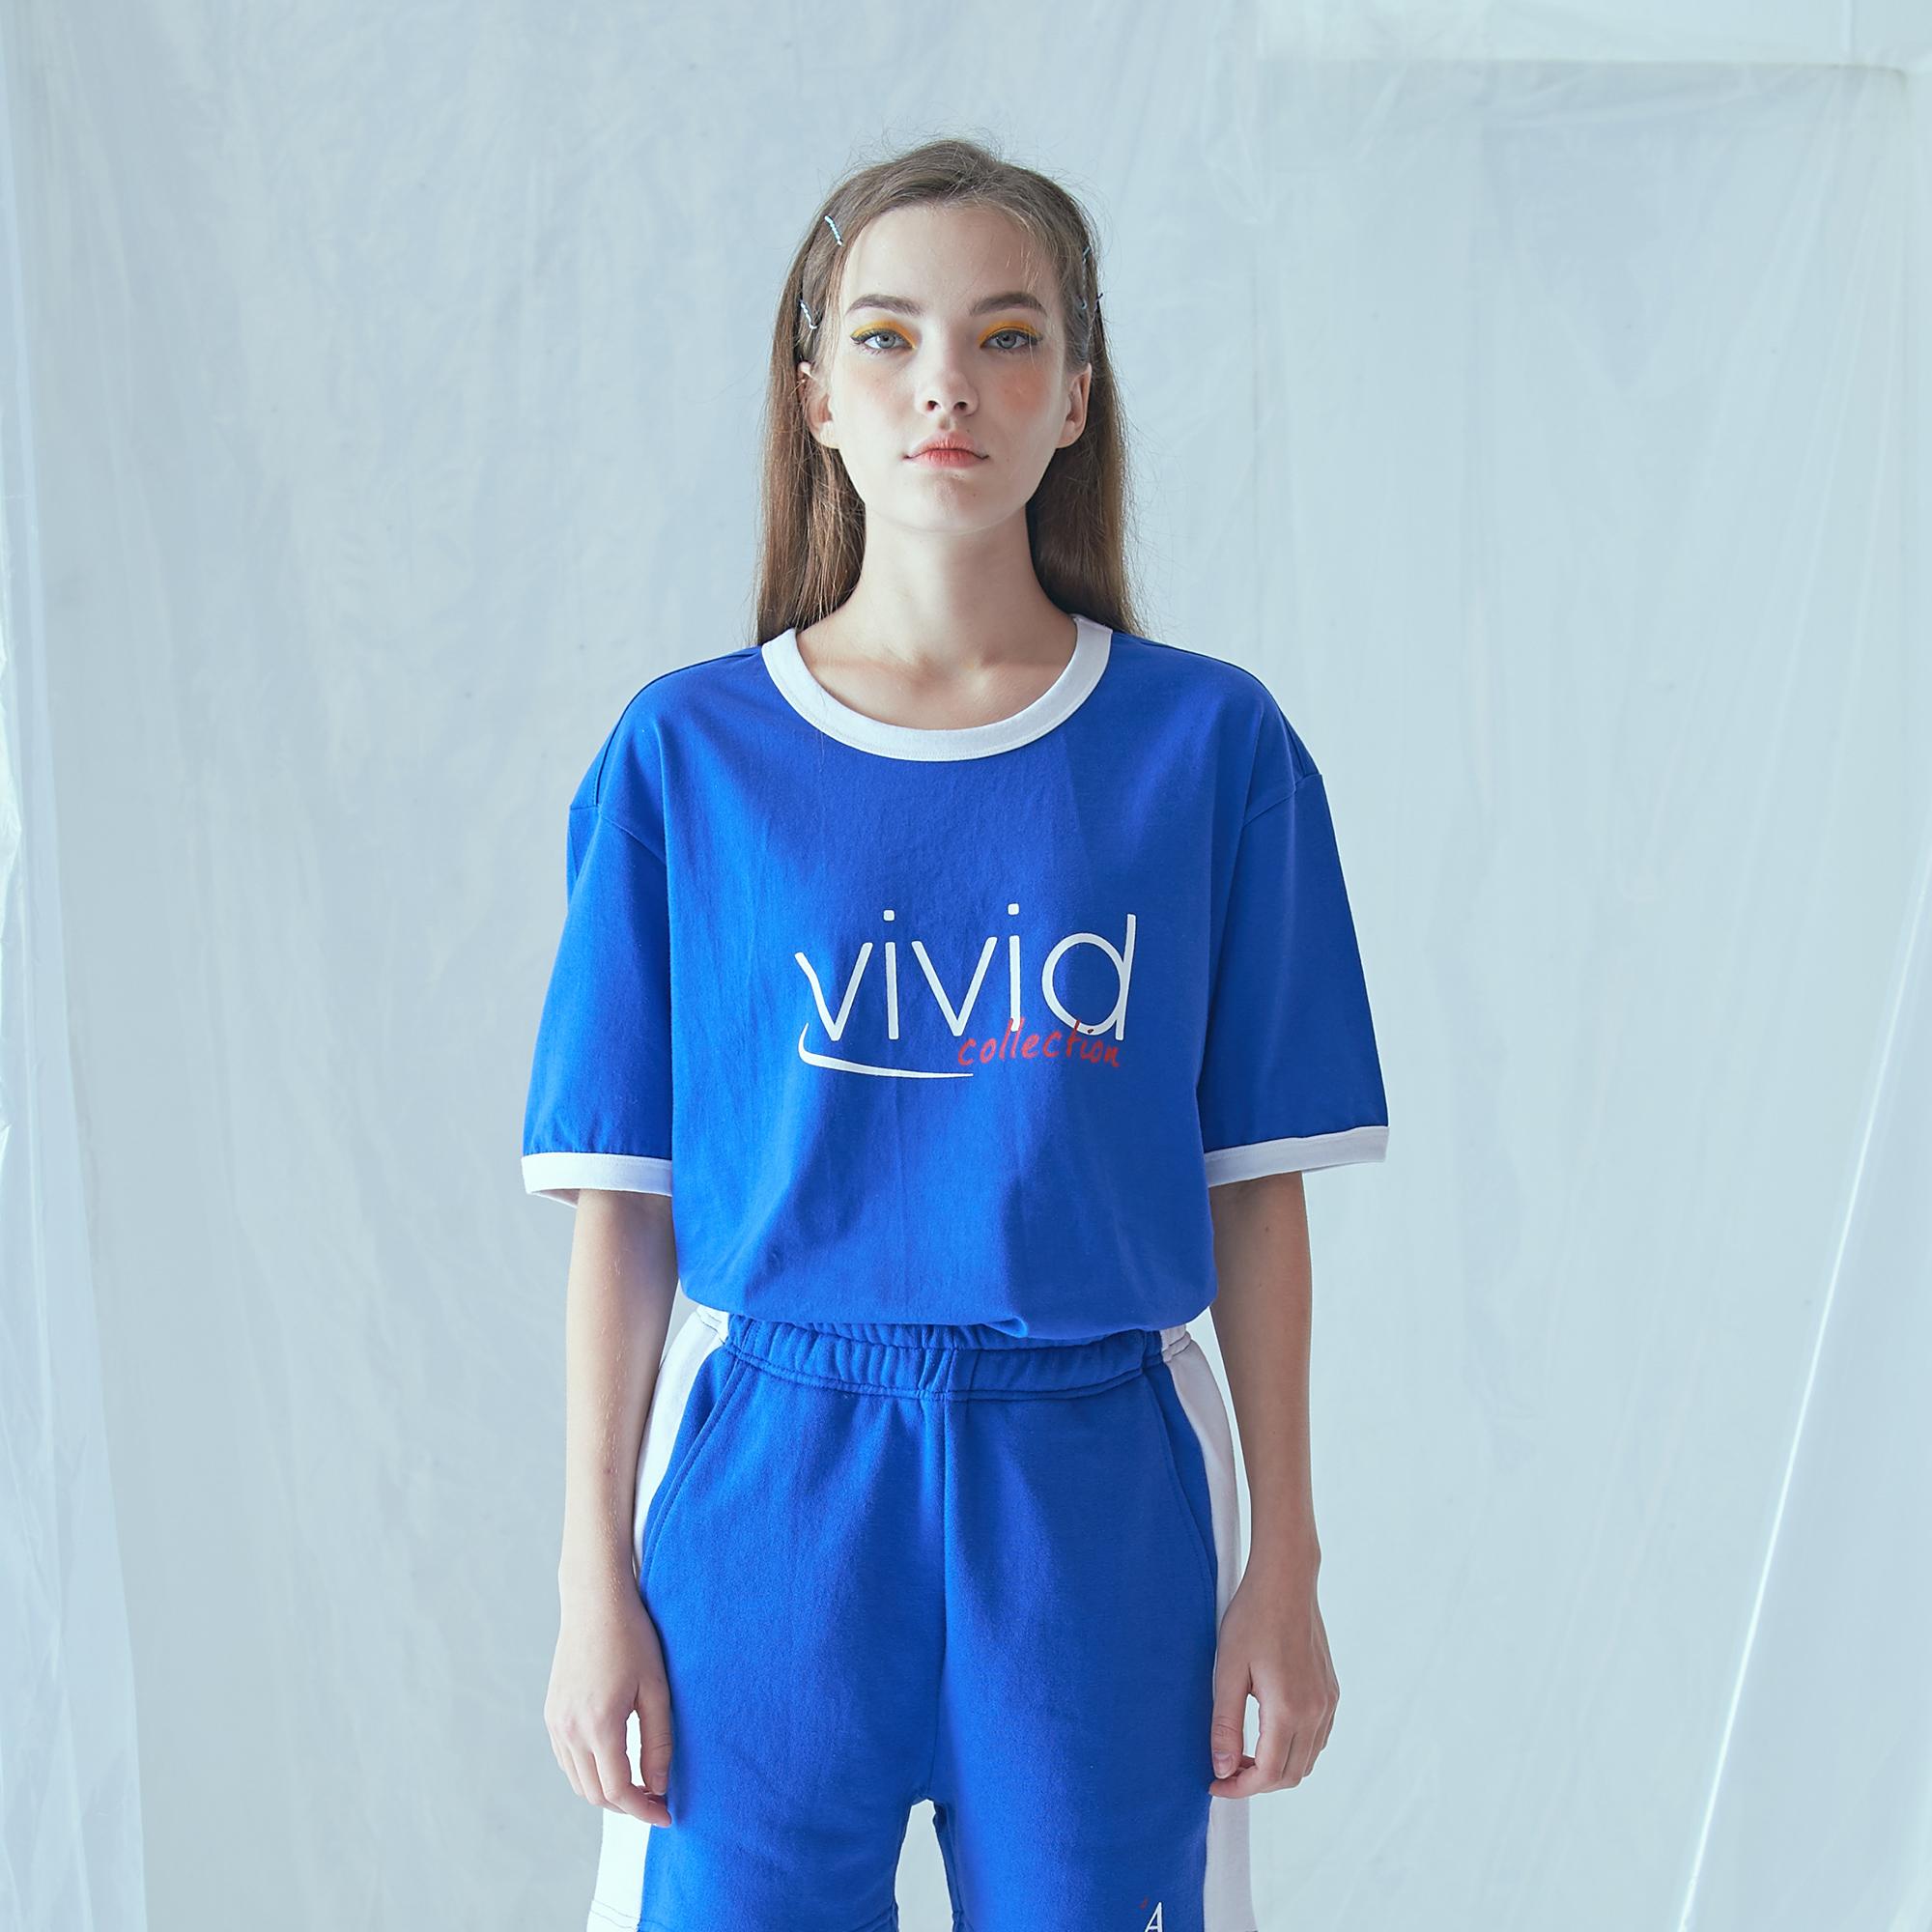 [어나더프레임] VIVID RINGER T-SHIRT (BLUE) 반팔티 반팔 티셔츠